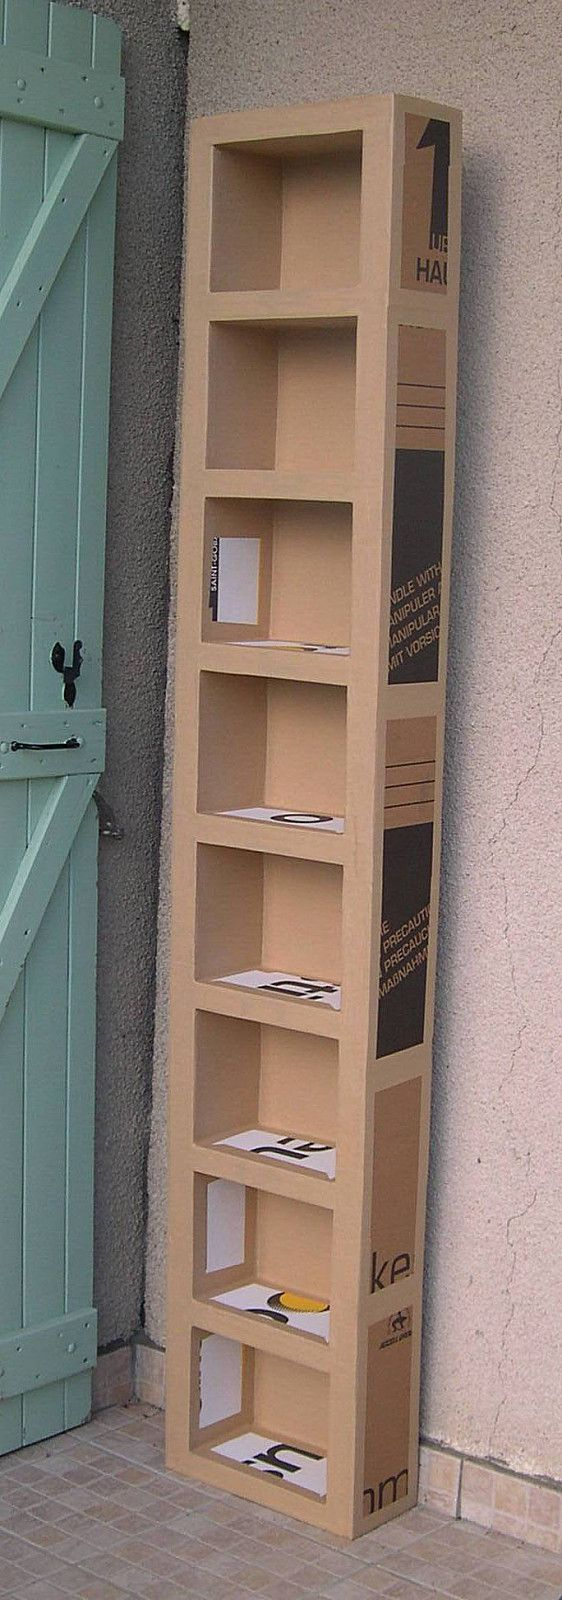 Image De Meuble En Carton tutoriel: comment fabriquer un meuble en carton | cardboard